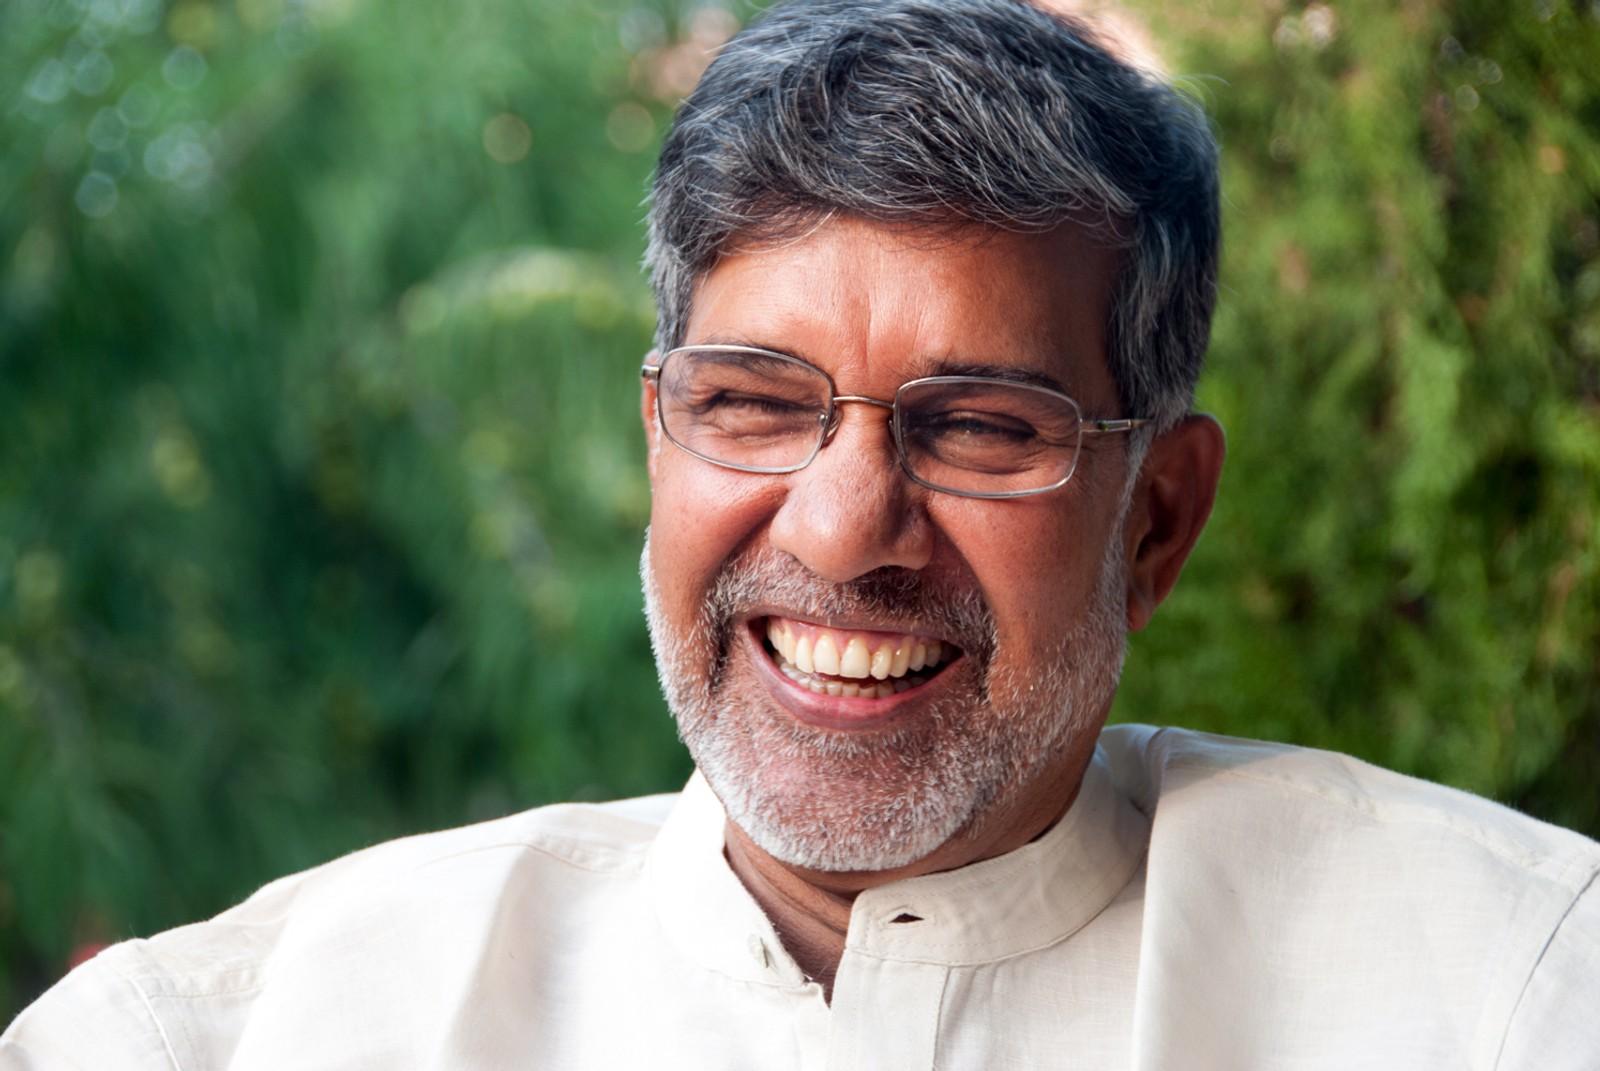 Selv om Kailash Satyarthi har sett og ser noen av de mørkeste sidene av India, har han ikke mistet gleden eller optimismen i livet. Og noe av hans store overtalelsesevner ligger kanskje der?